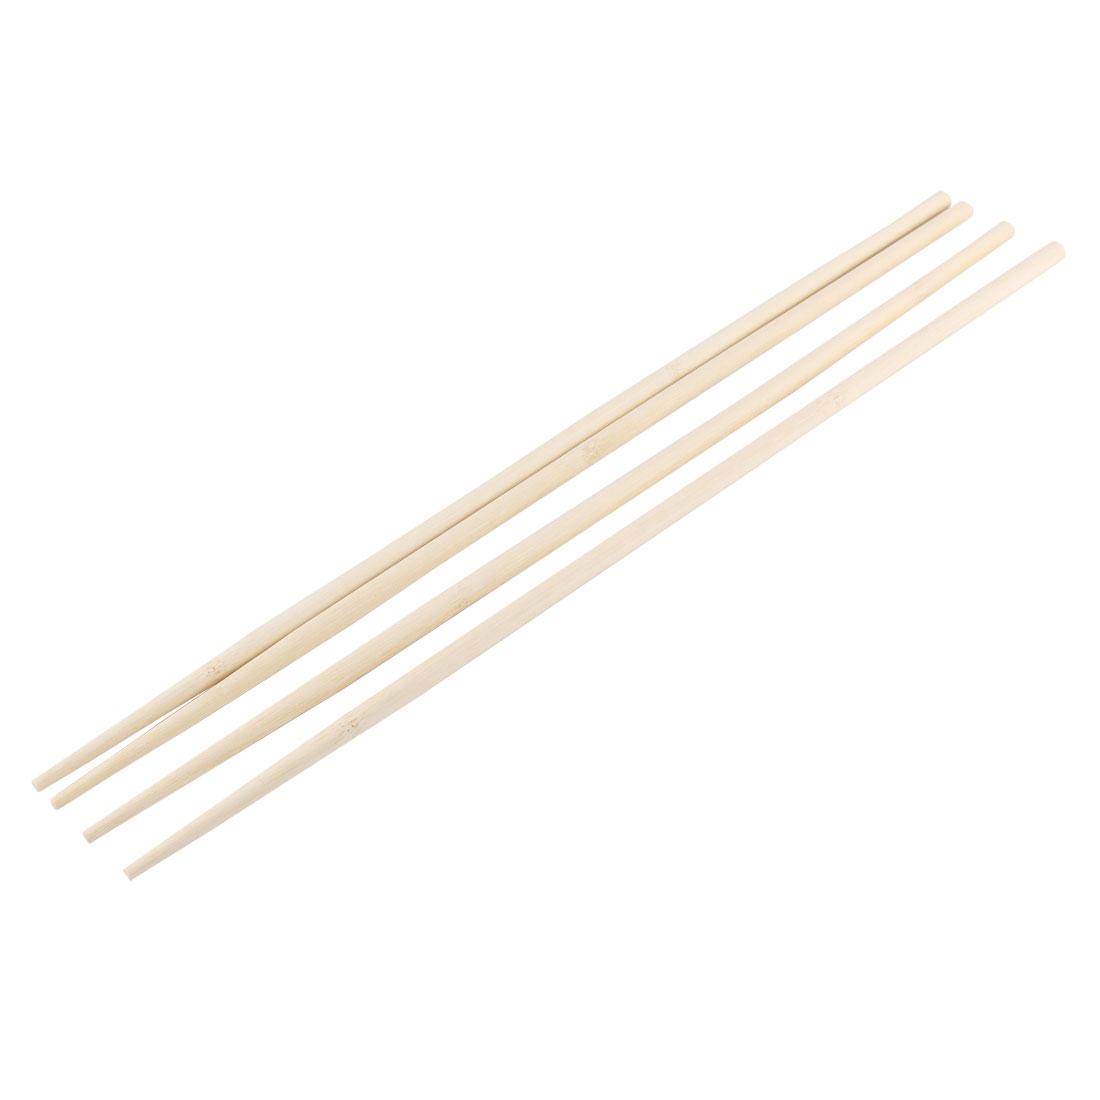 Kitchen Hot Pot Cooking Wooden Noodles Chopsticks 45cm Length 2 Pairs